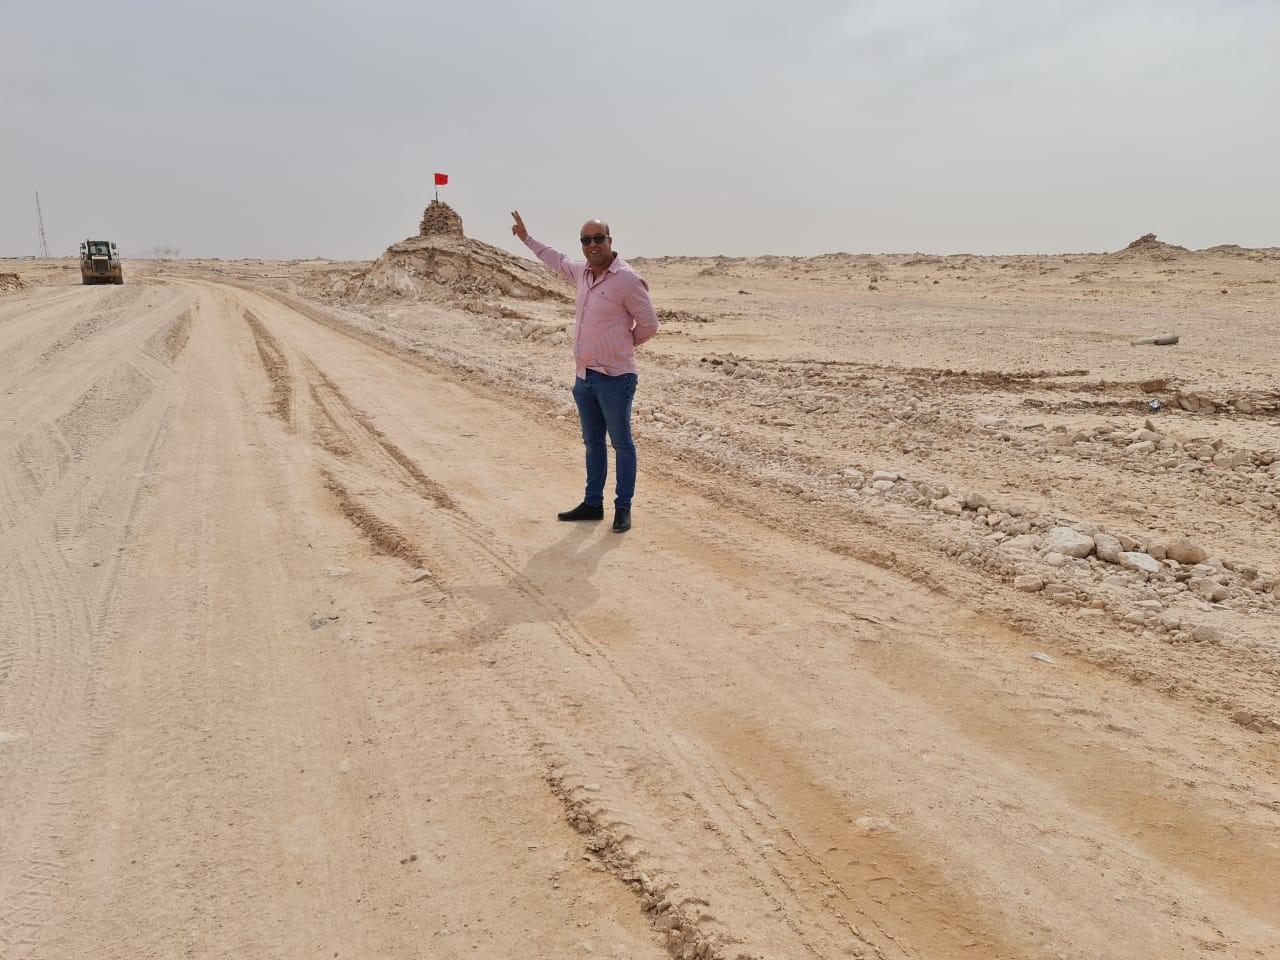 Avant de quitter la zone, Driss Chahtane s'arrête pour un V de la victoire…